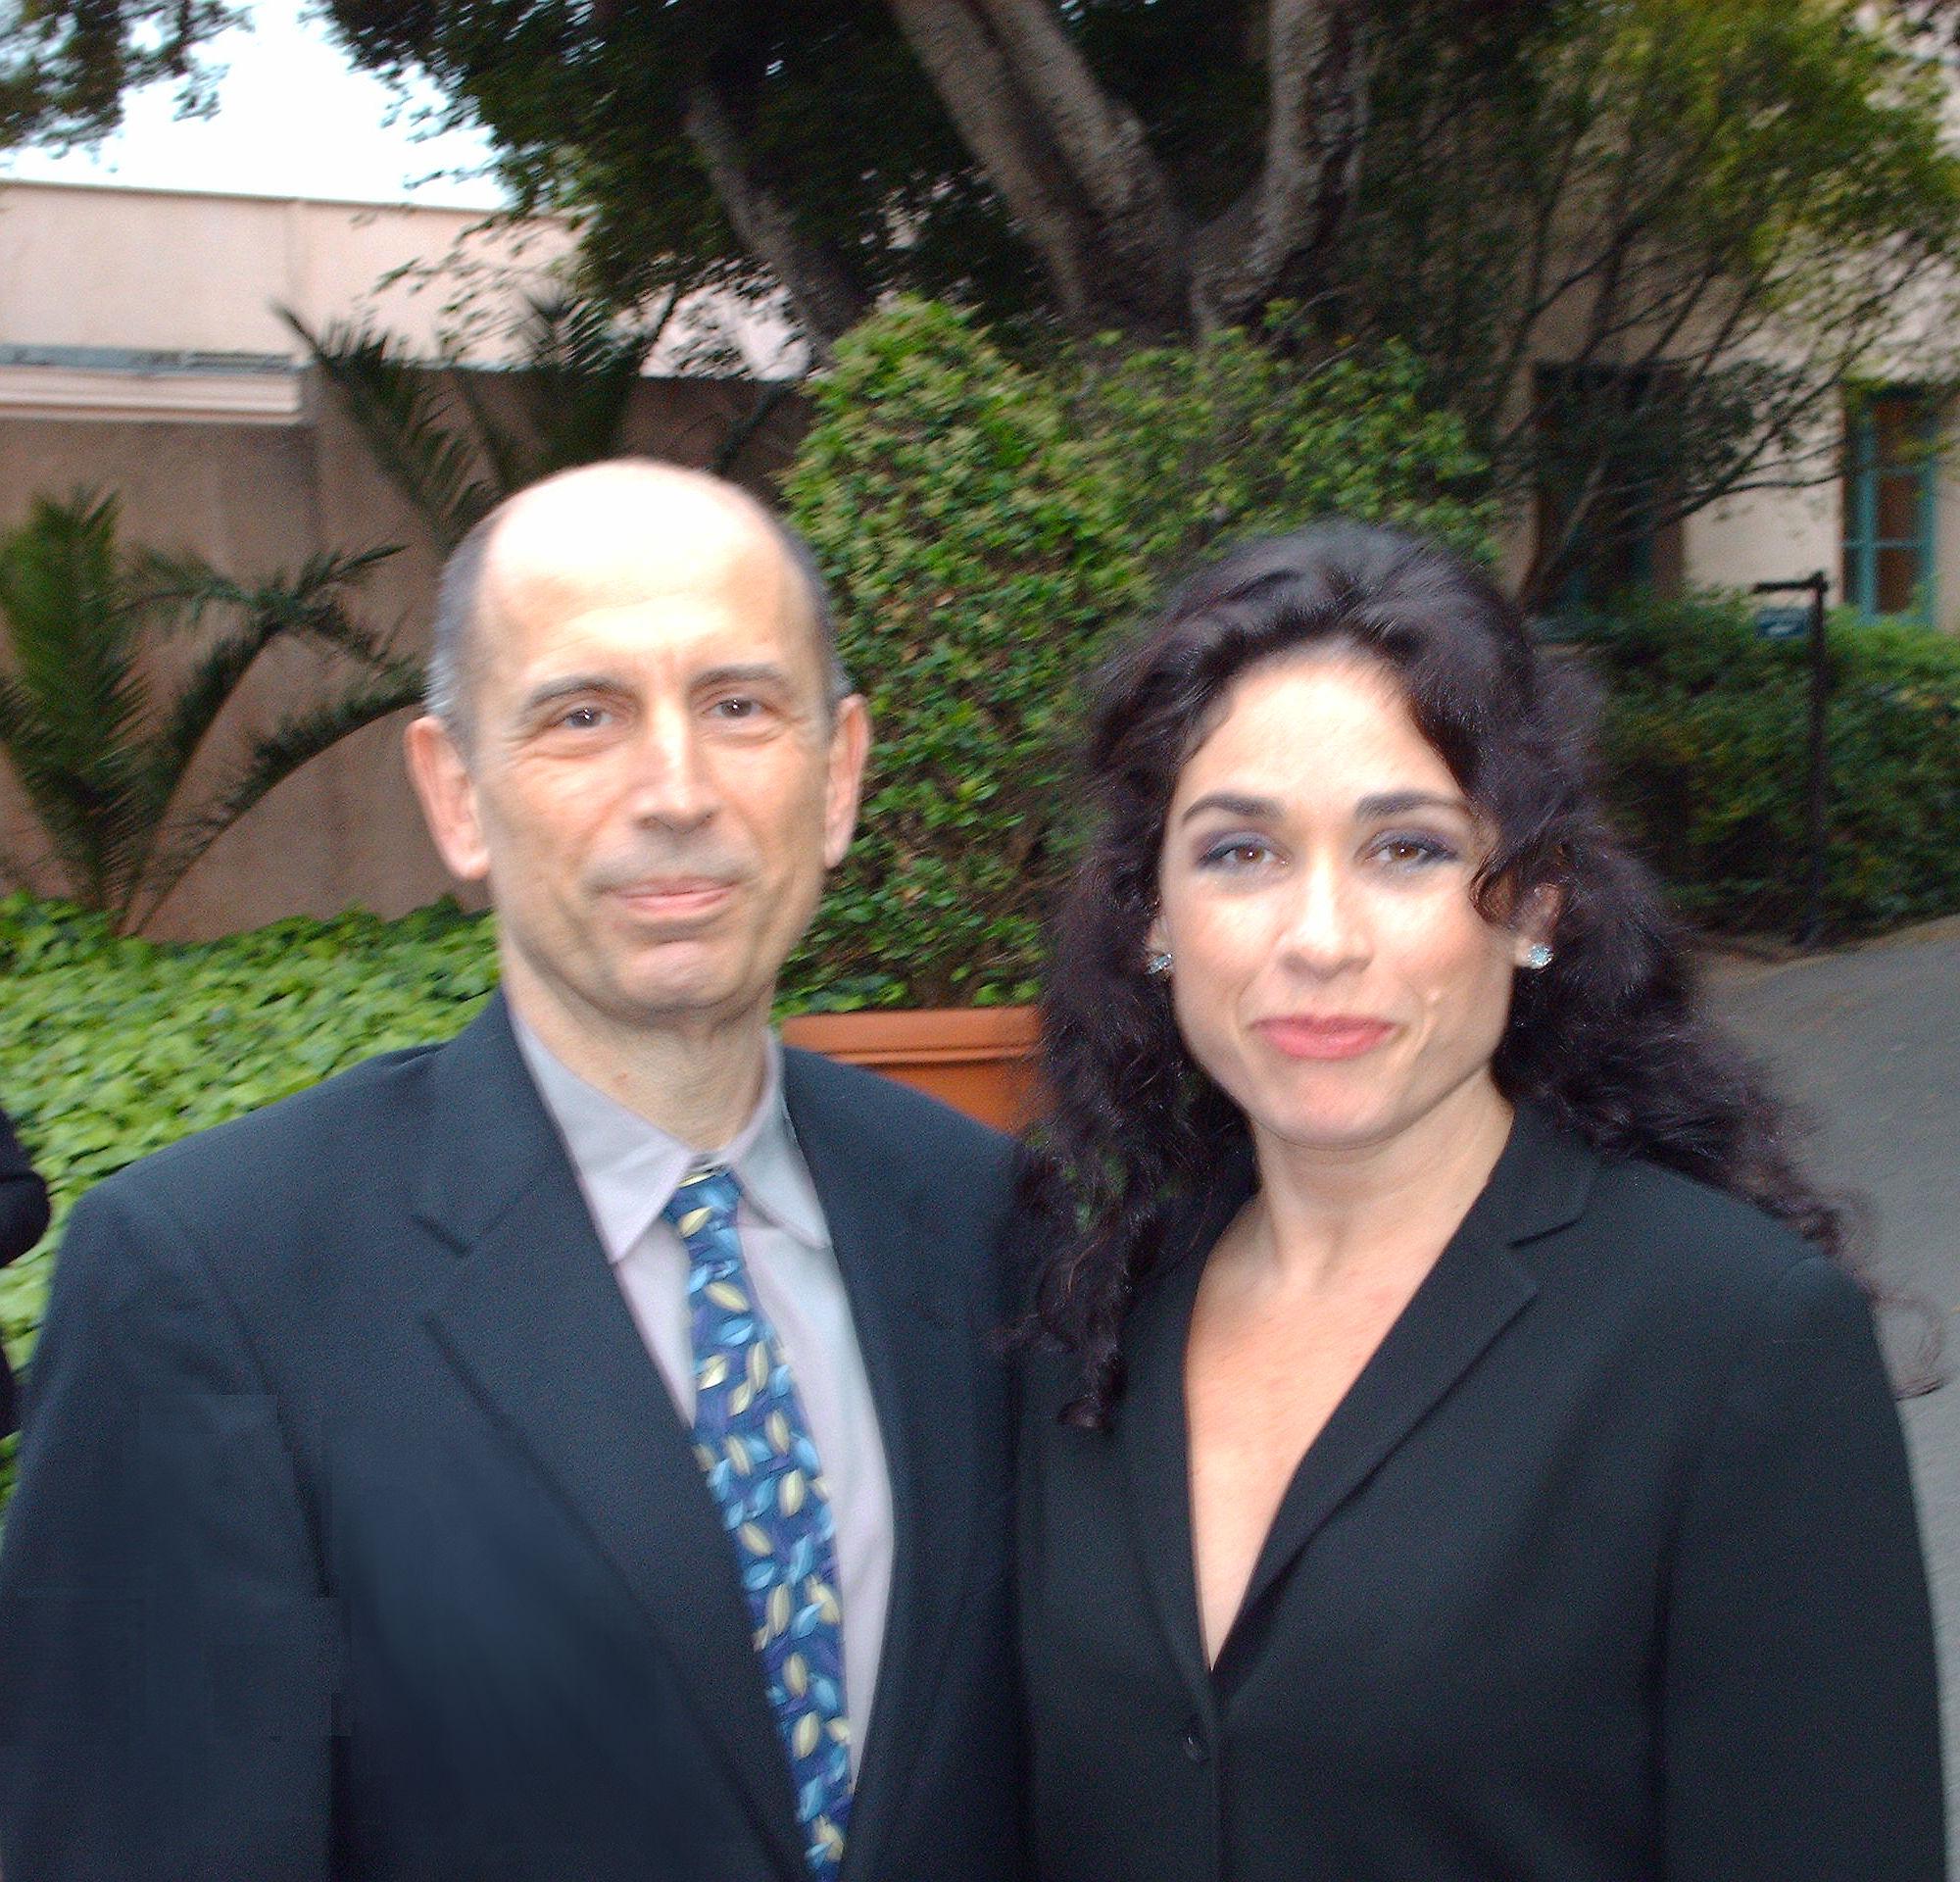 With Rinat Shaham